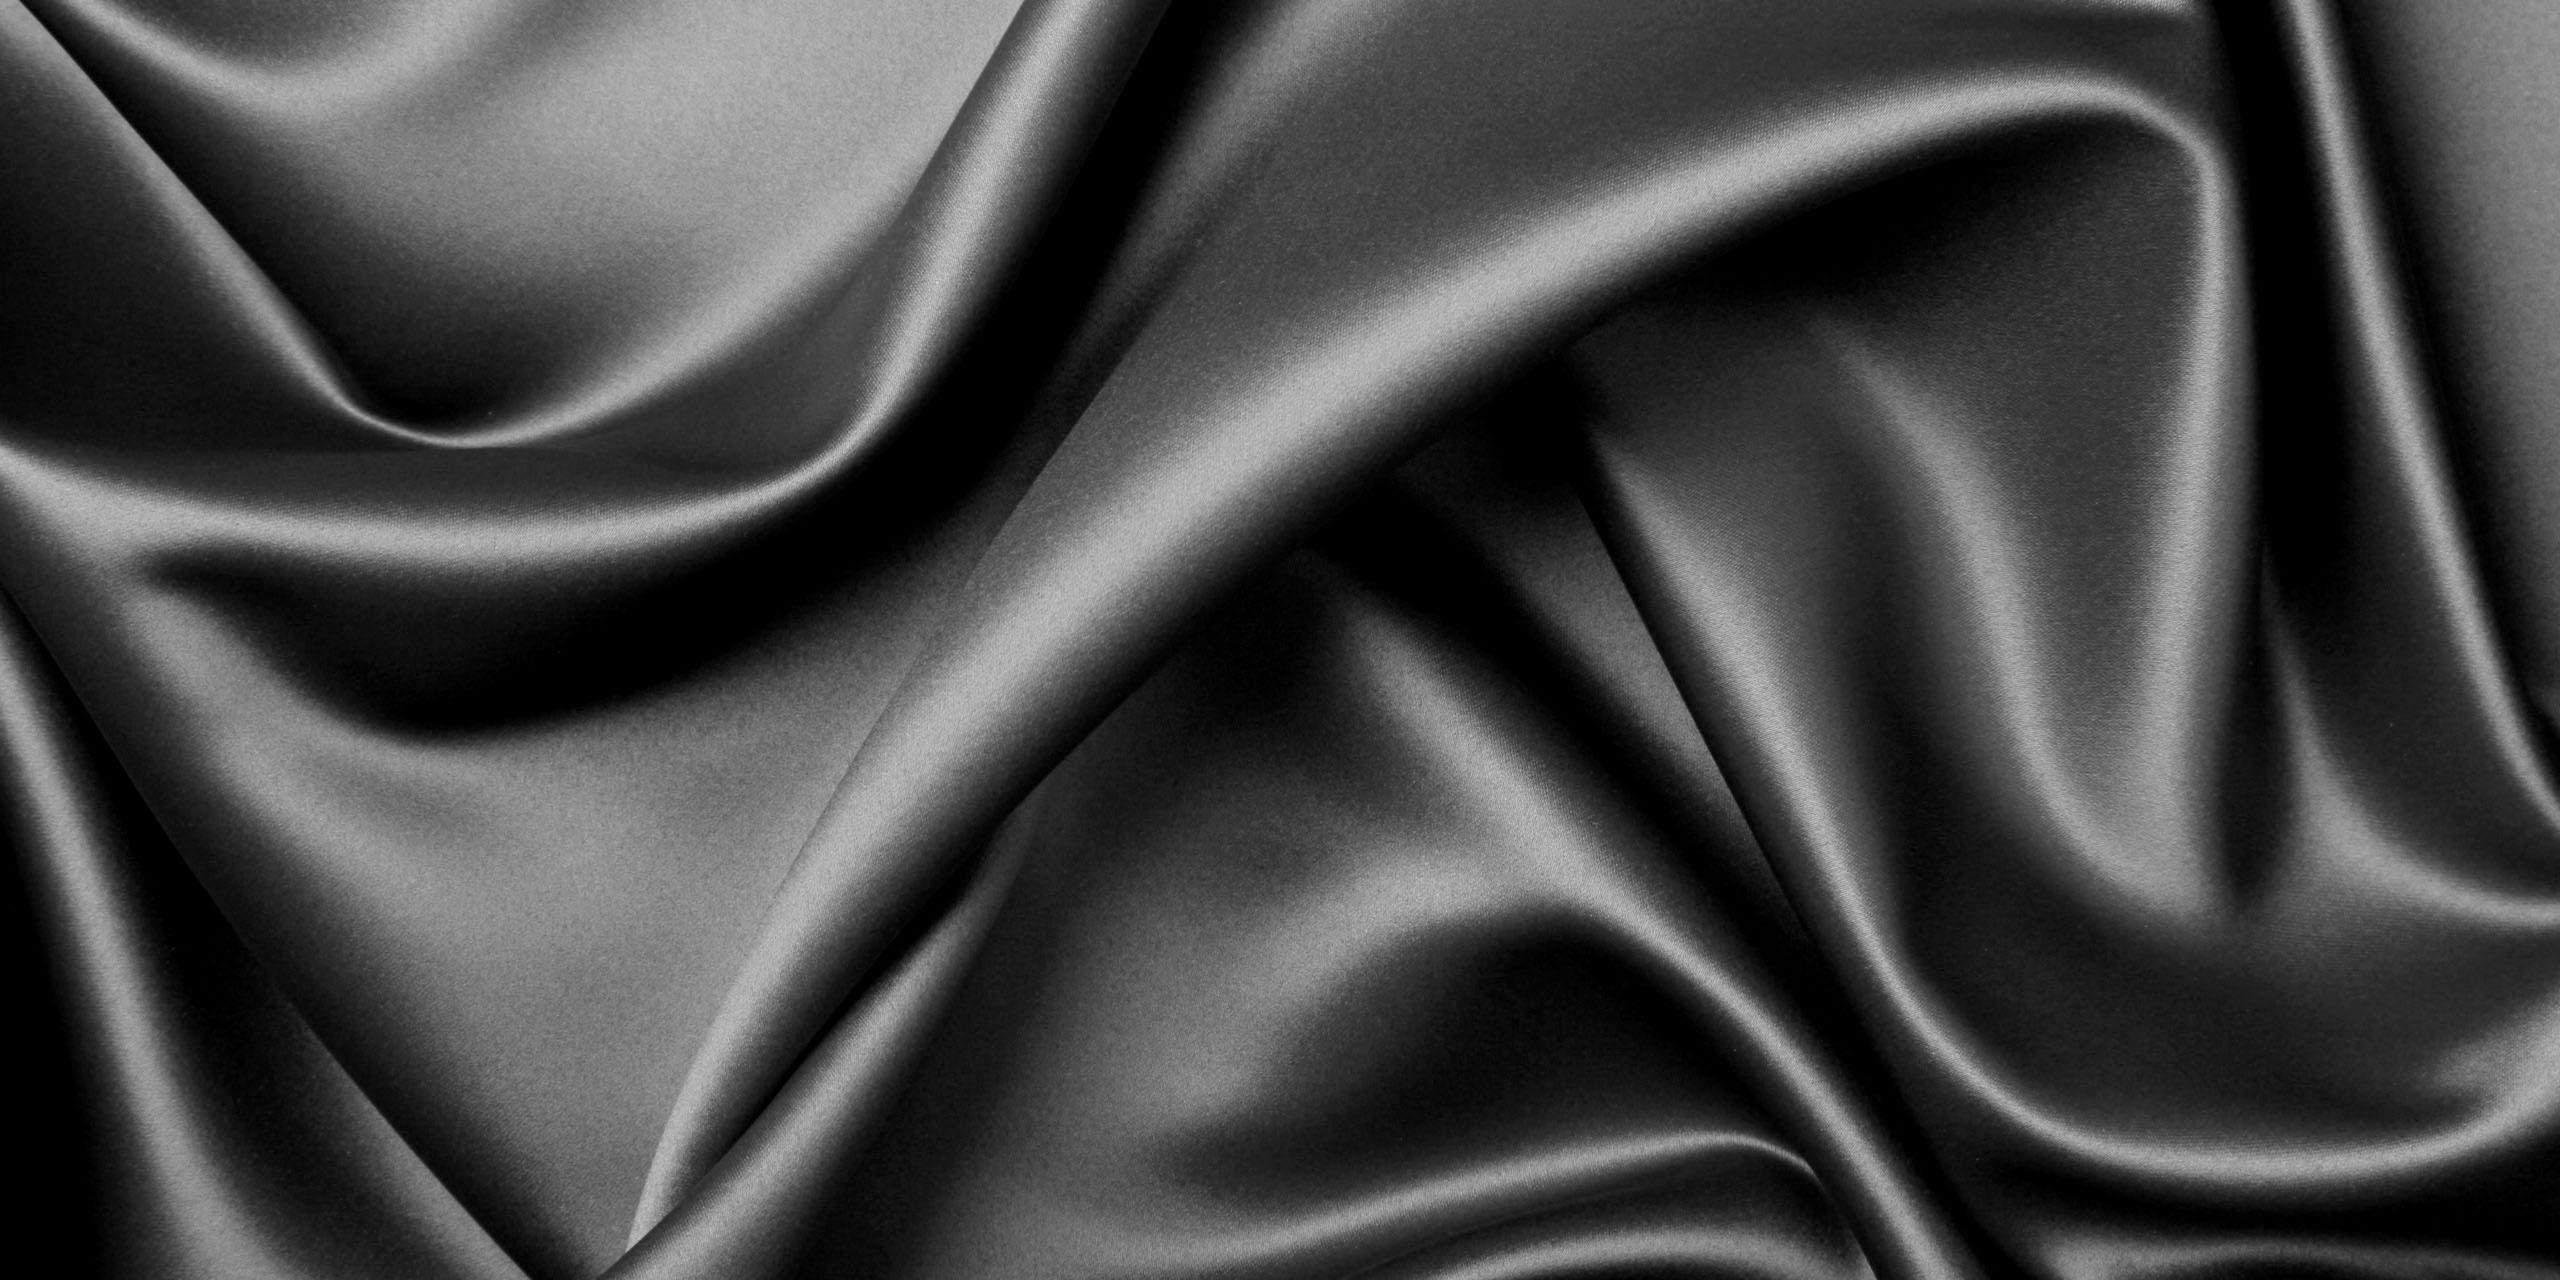 ایران تنها مصرف کننده چادر مشکی و تنها وارد کننده پارچه مشکی